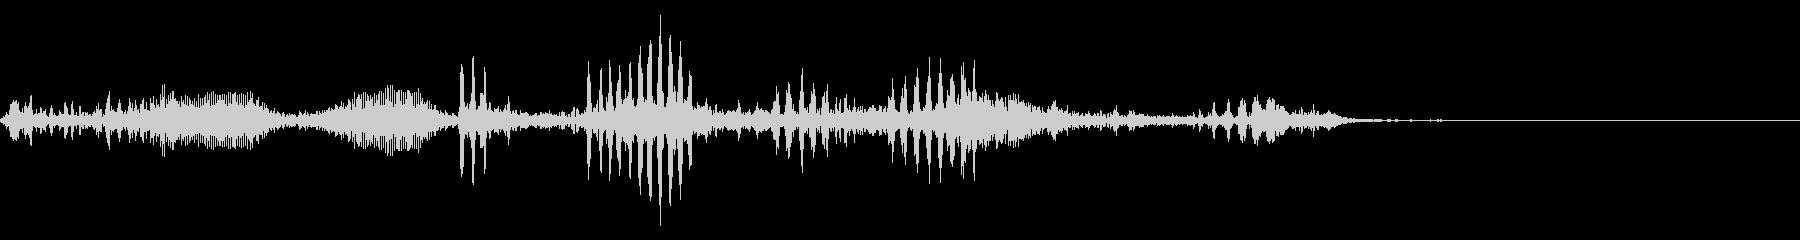 【生録音】フラミンゴの鳴き声 18の未再生の波形